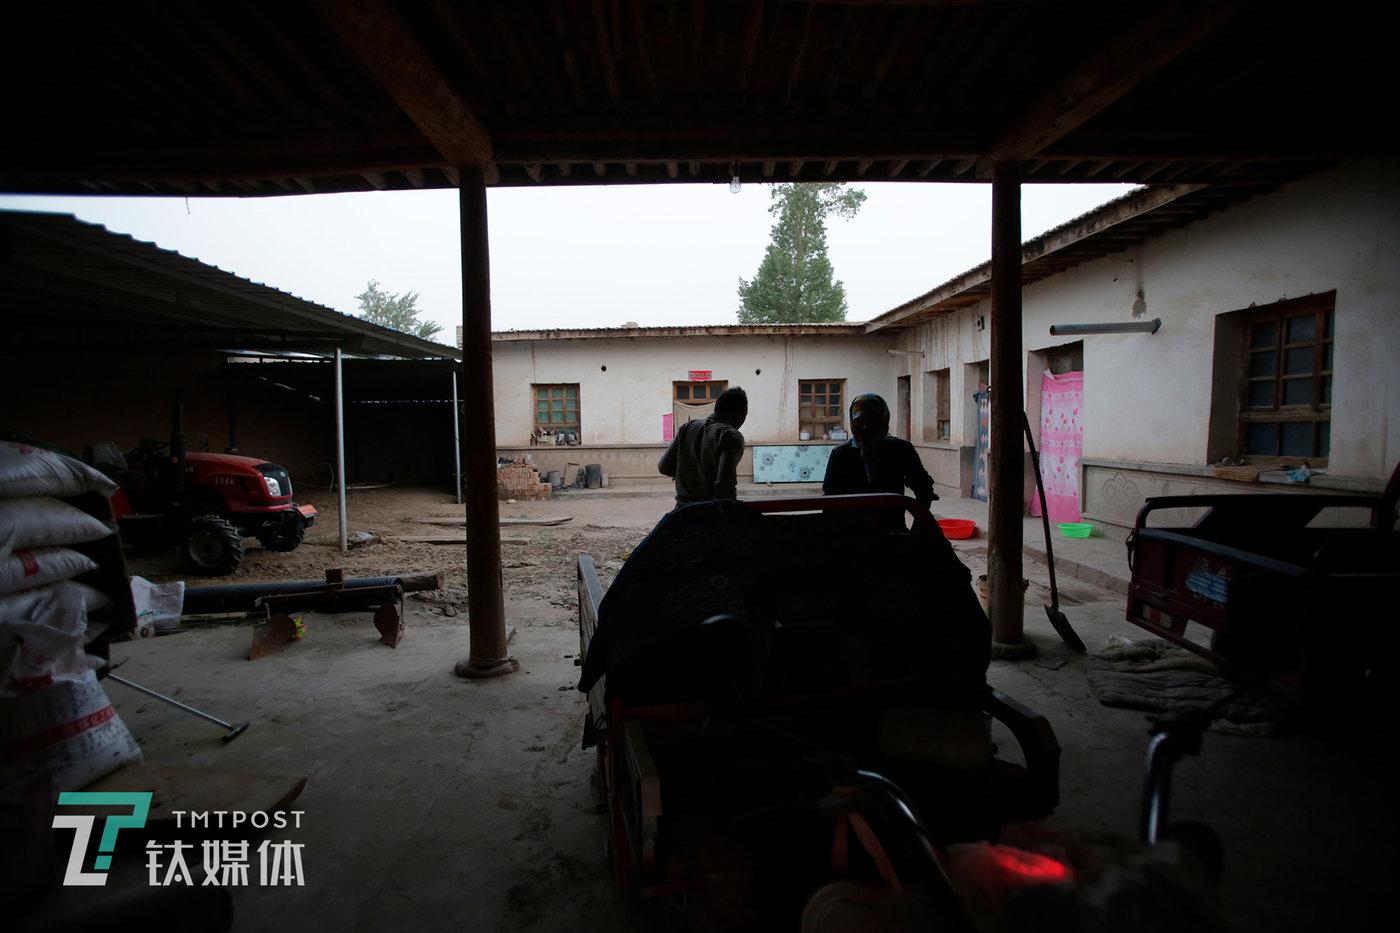 清晨,薛志明夫妇准备下地干活。迎接他们的大考将在8月下旬到来。